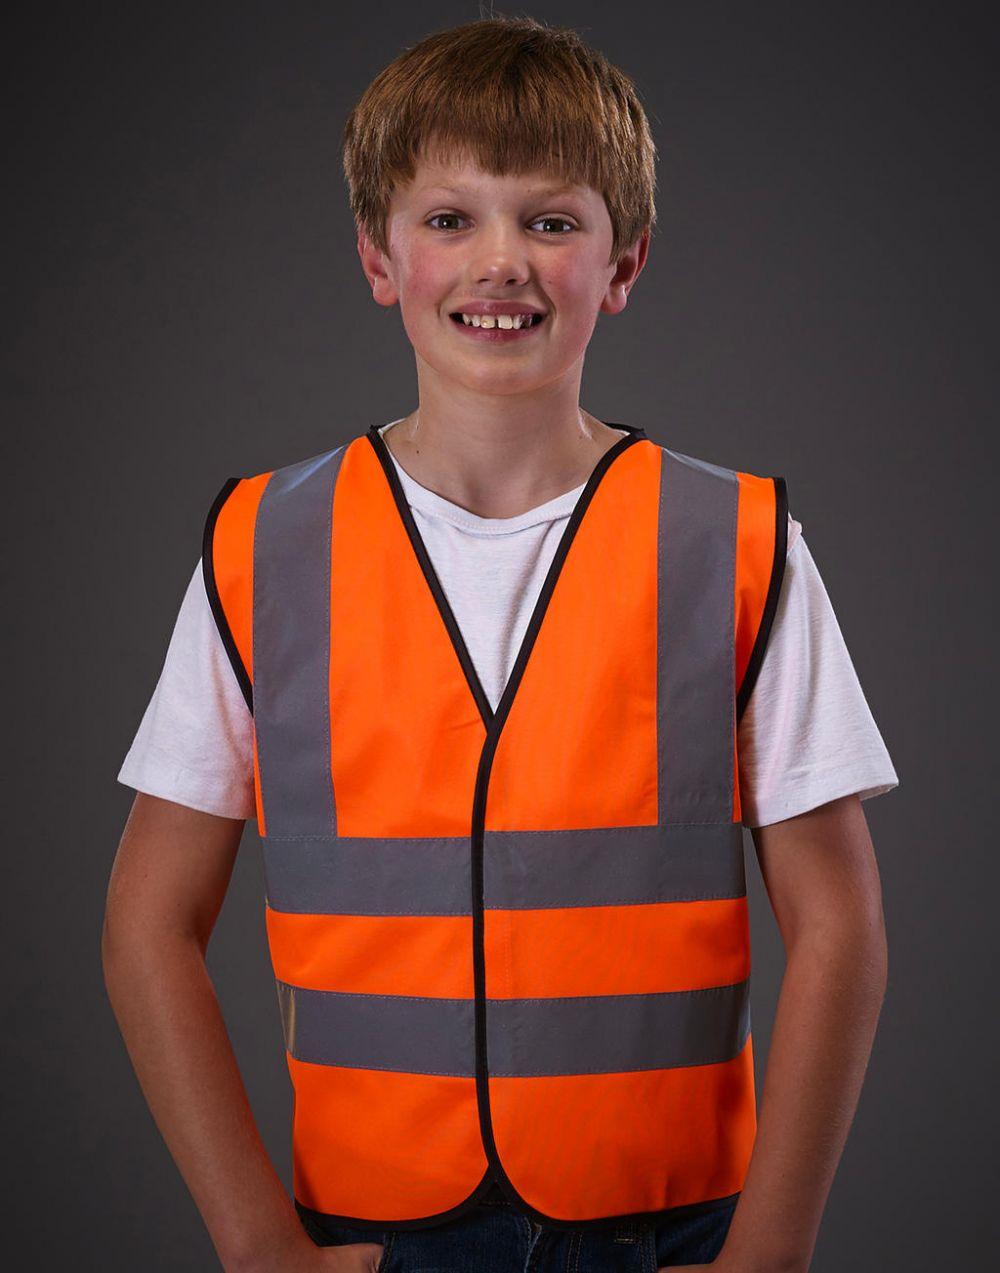 Chalecos reflectantes yoko de seguridad fluo niño vista 1